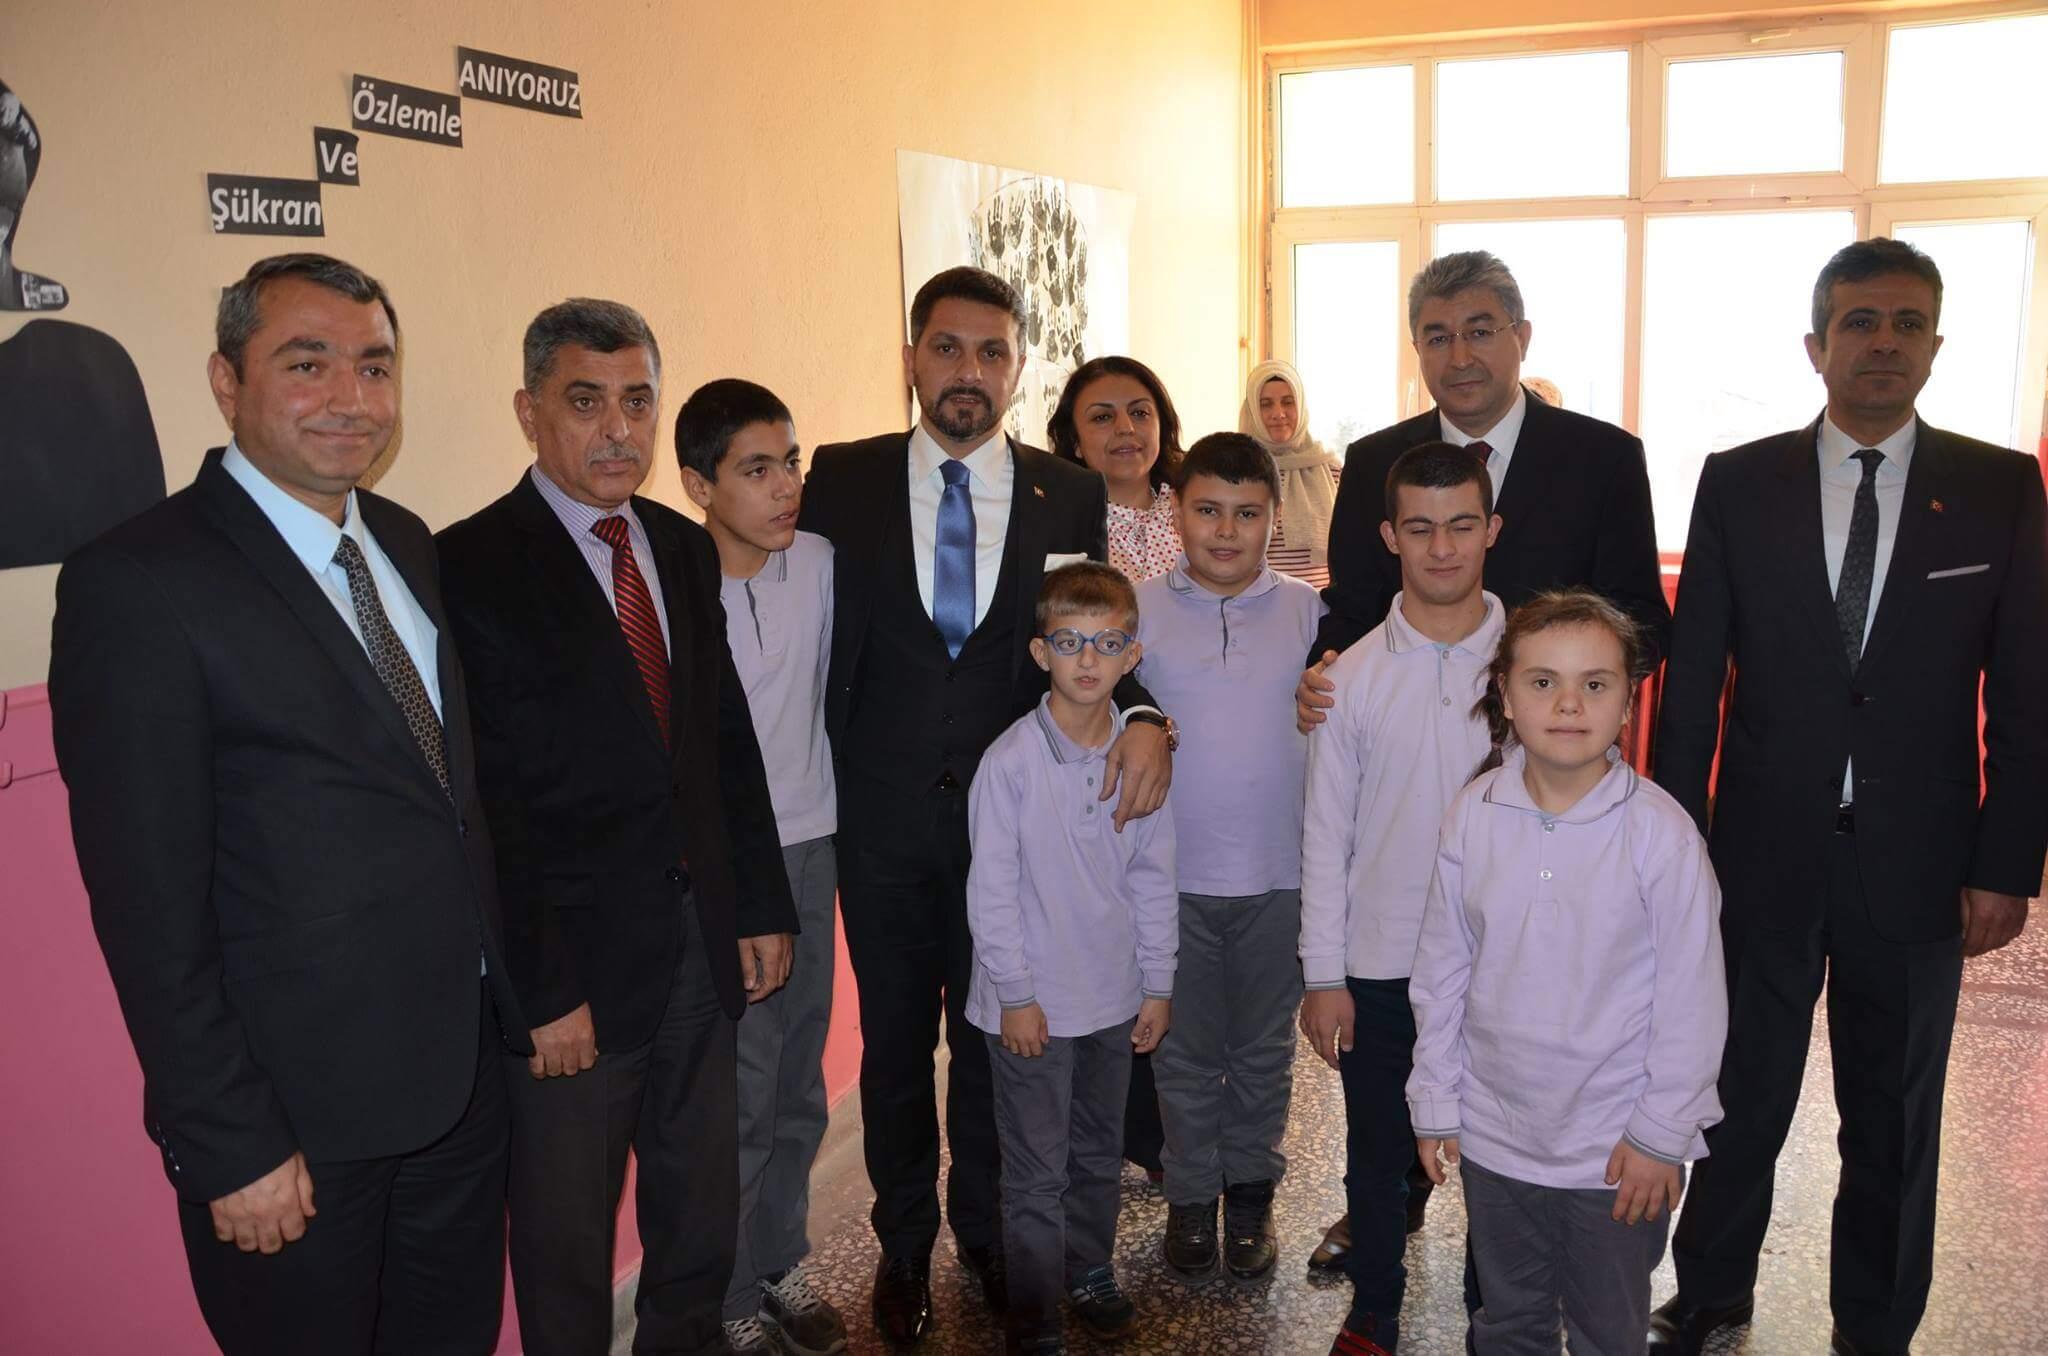 Sivrihisar Belediyesi Tarafından Düzenlenen Özel Eğitim Sınıfı Dünya Engelliler Günü Kapsamında Açıldı.